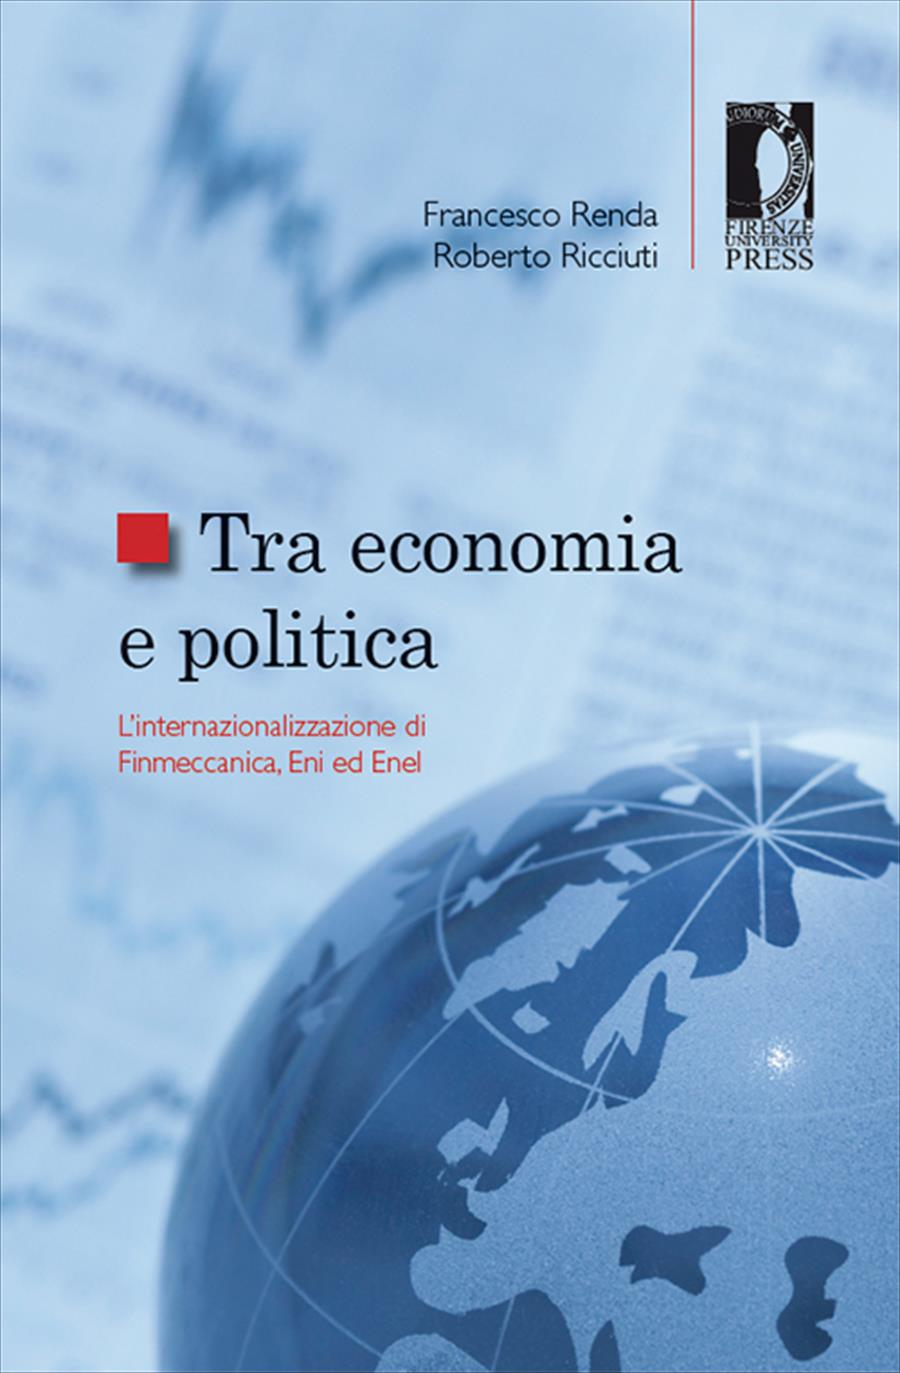 Tra economia e politica: l'internazionalizzazione di Finmeccanica, Eni ed Enel